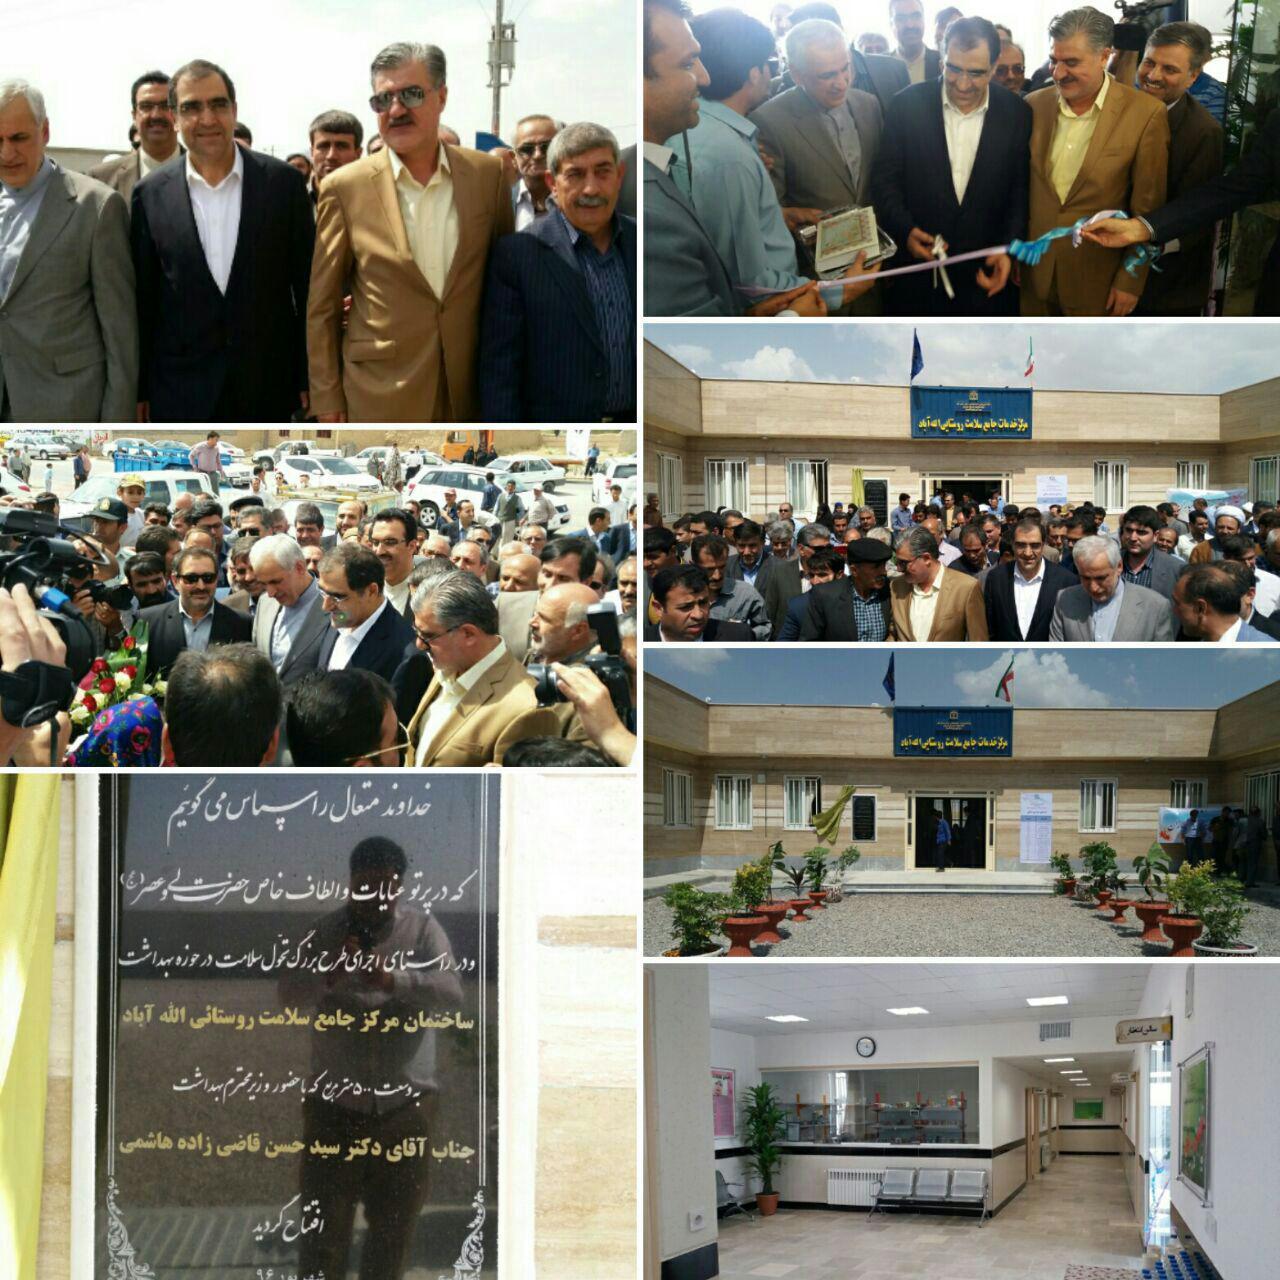 مرکز خدمات جامع سلامت روستایی در الله آباد شیروان امروز جمعه با حضور وزیر محترم بهداشت به بهره برداری رسید.